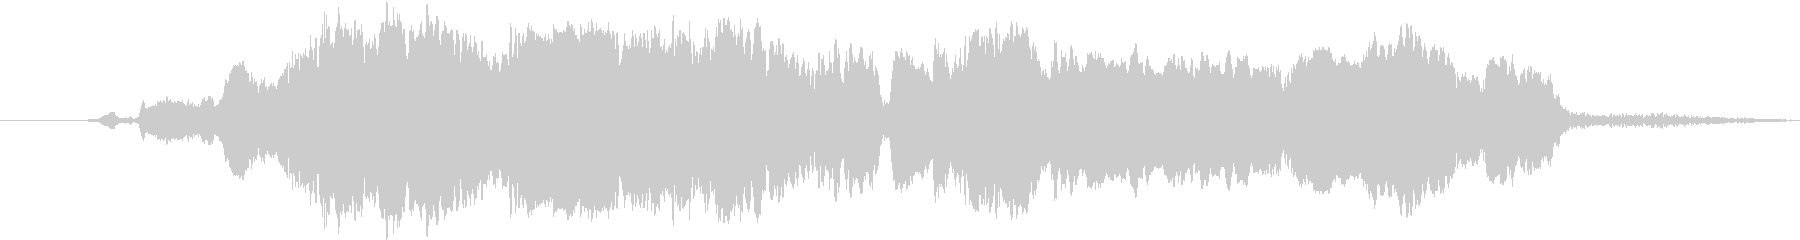 シャチのシャチ:鳴き声、クジラ、イルカの未再生の波形